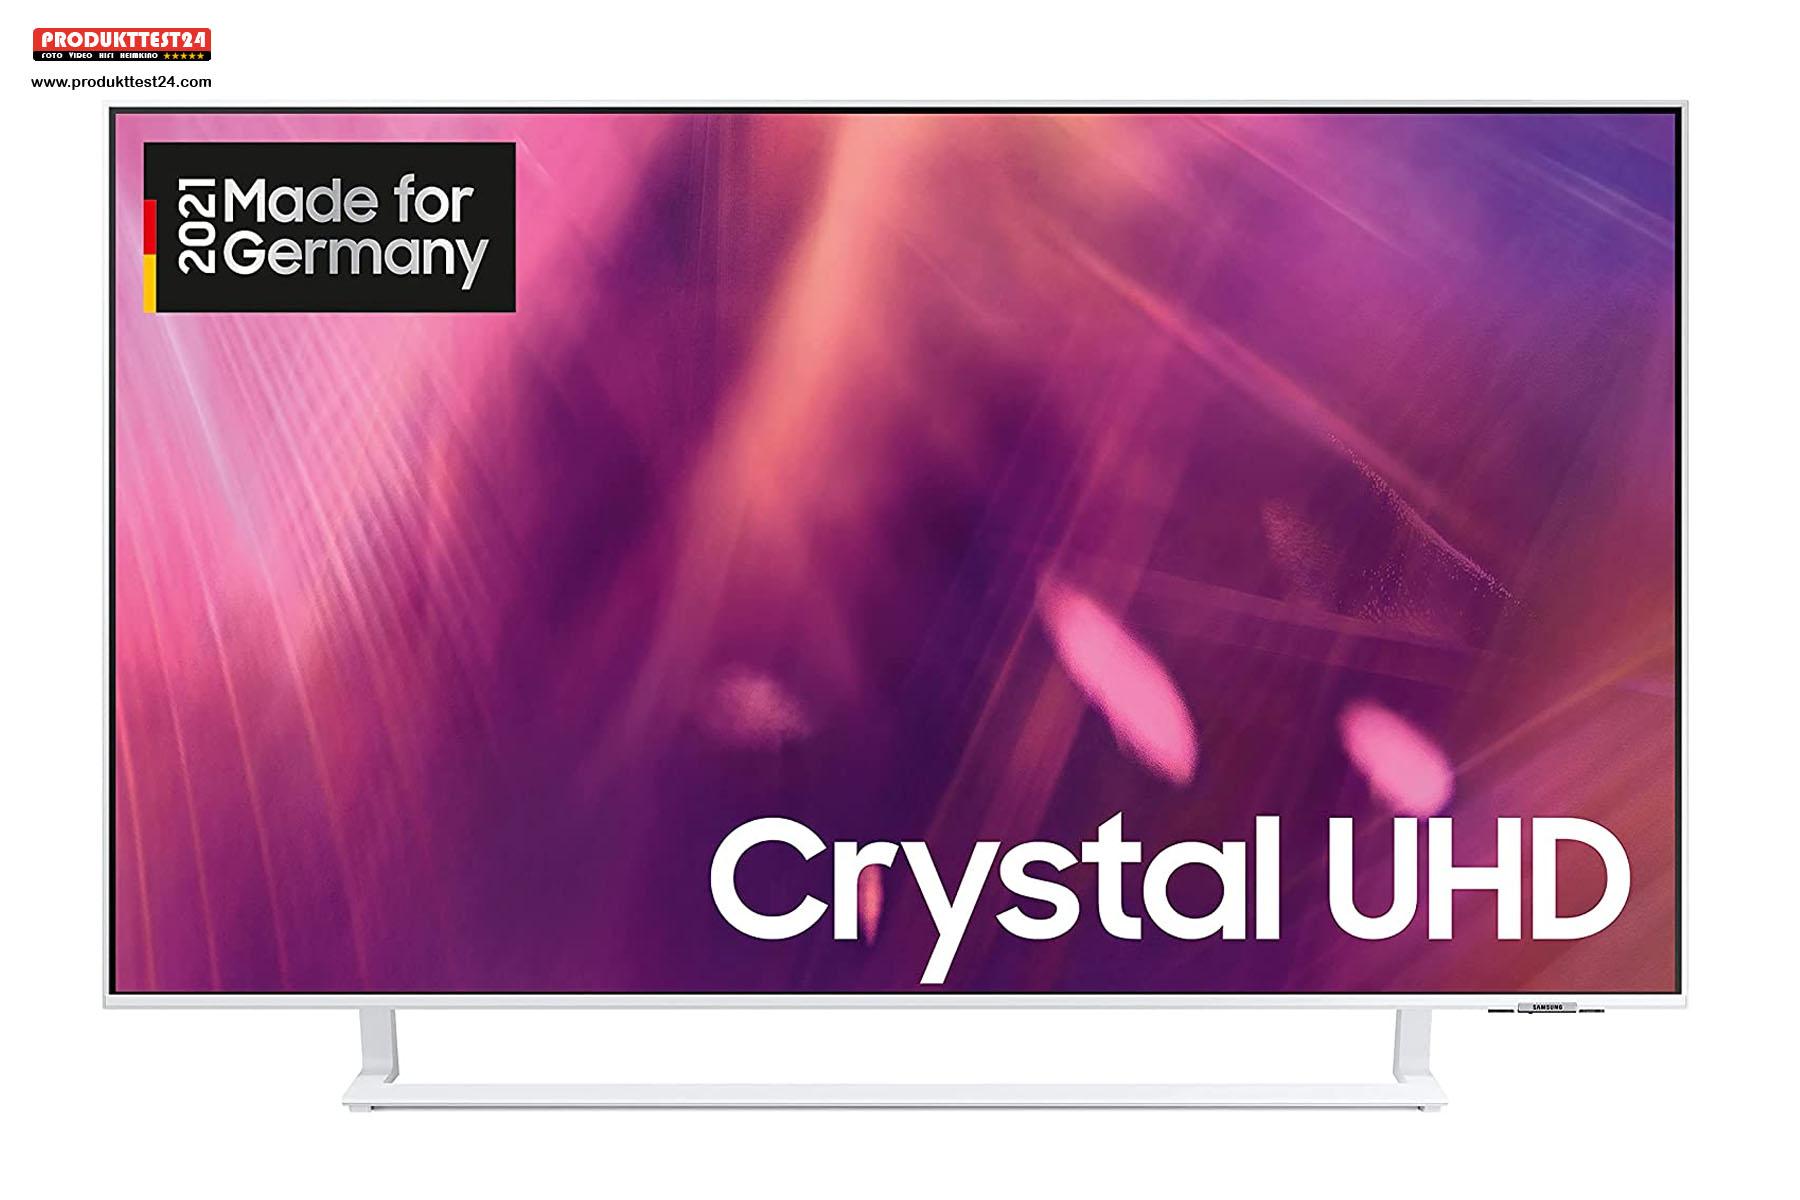 Der weiße Samsung Crystal UHD Fernseher